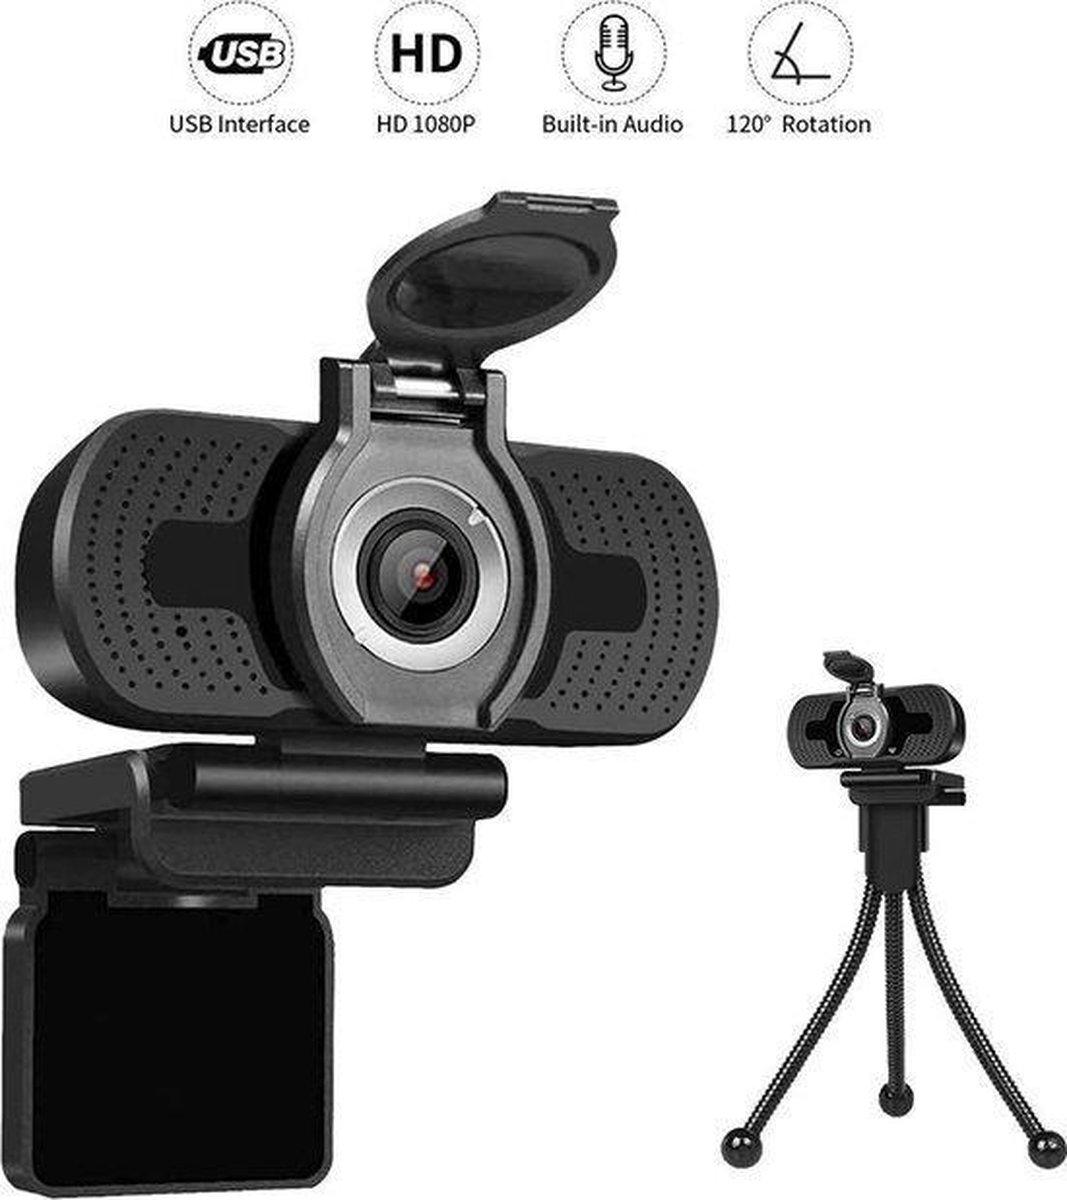 Professionele Webcam HD 1080P Inclusief cover en Statief -verstelbare lensring -voor PC met Ingebouwde Microfoon - werk- vergadering- lees geven -YouTube- gamen